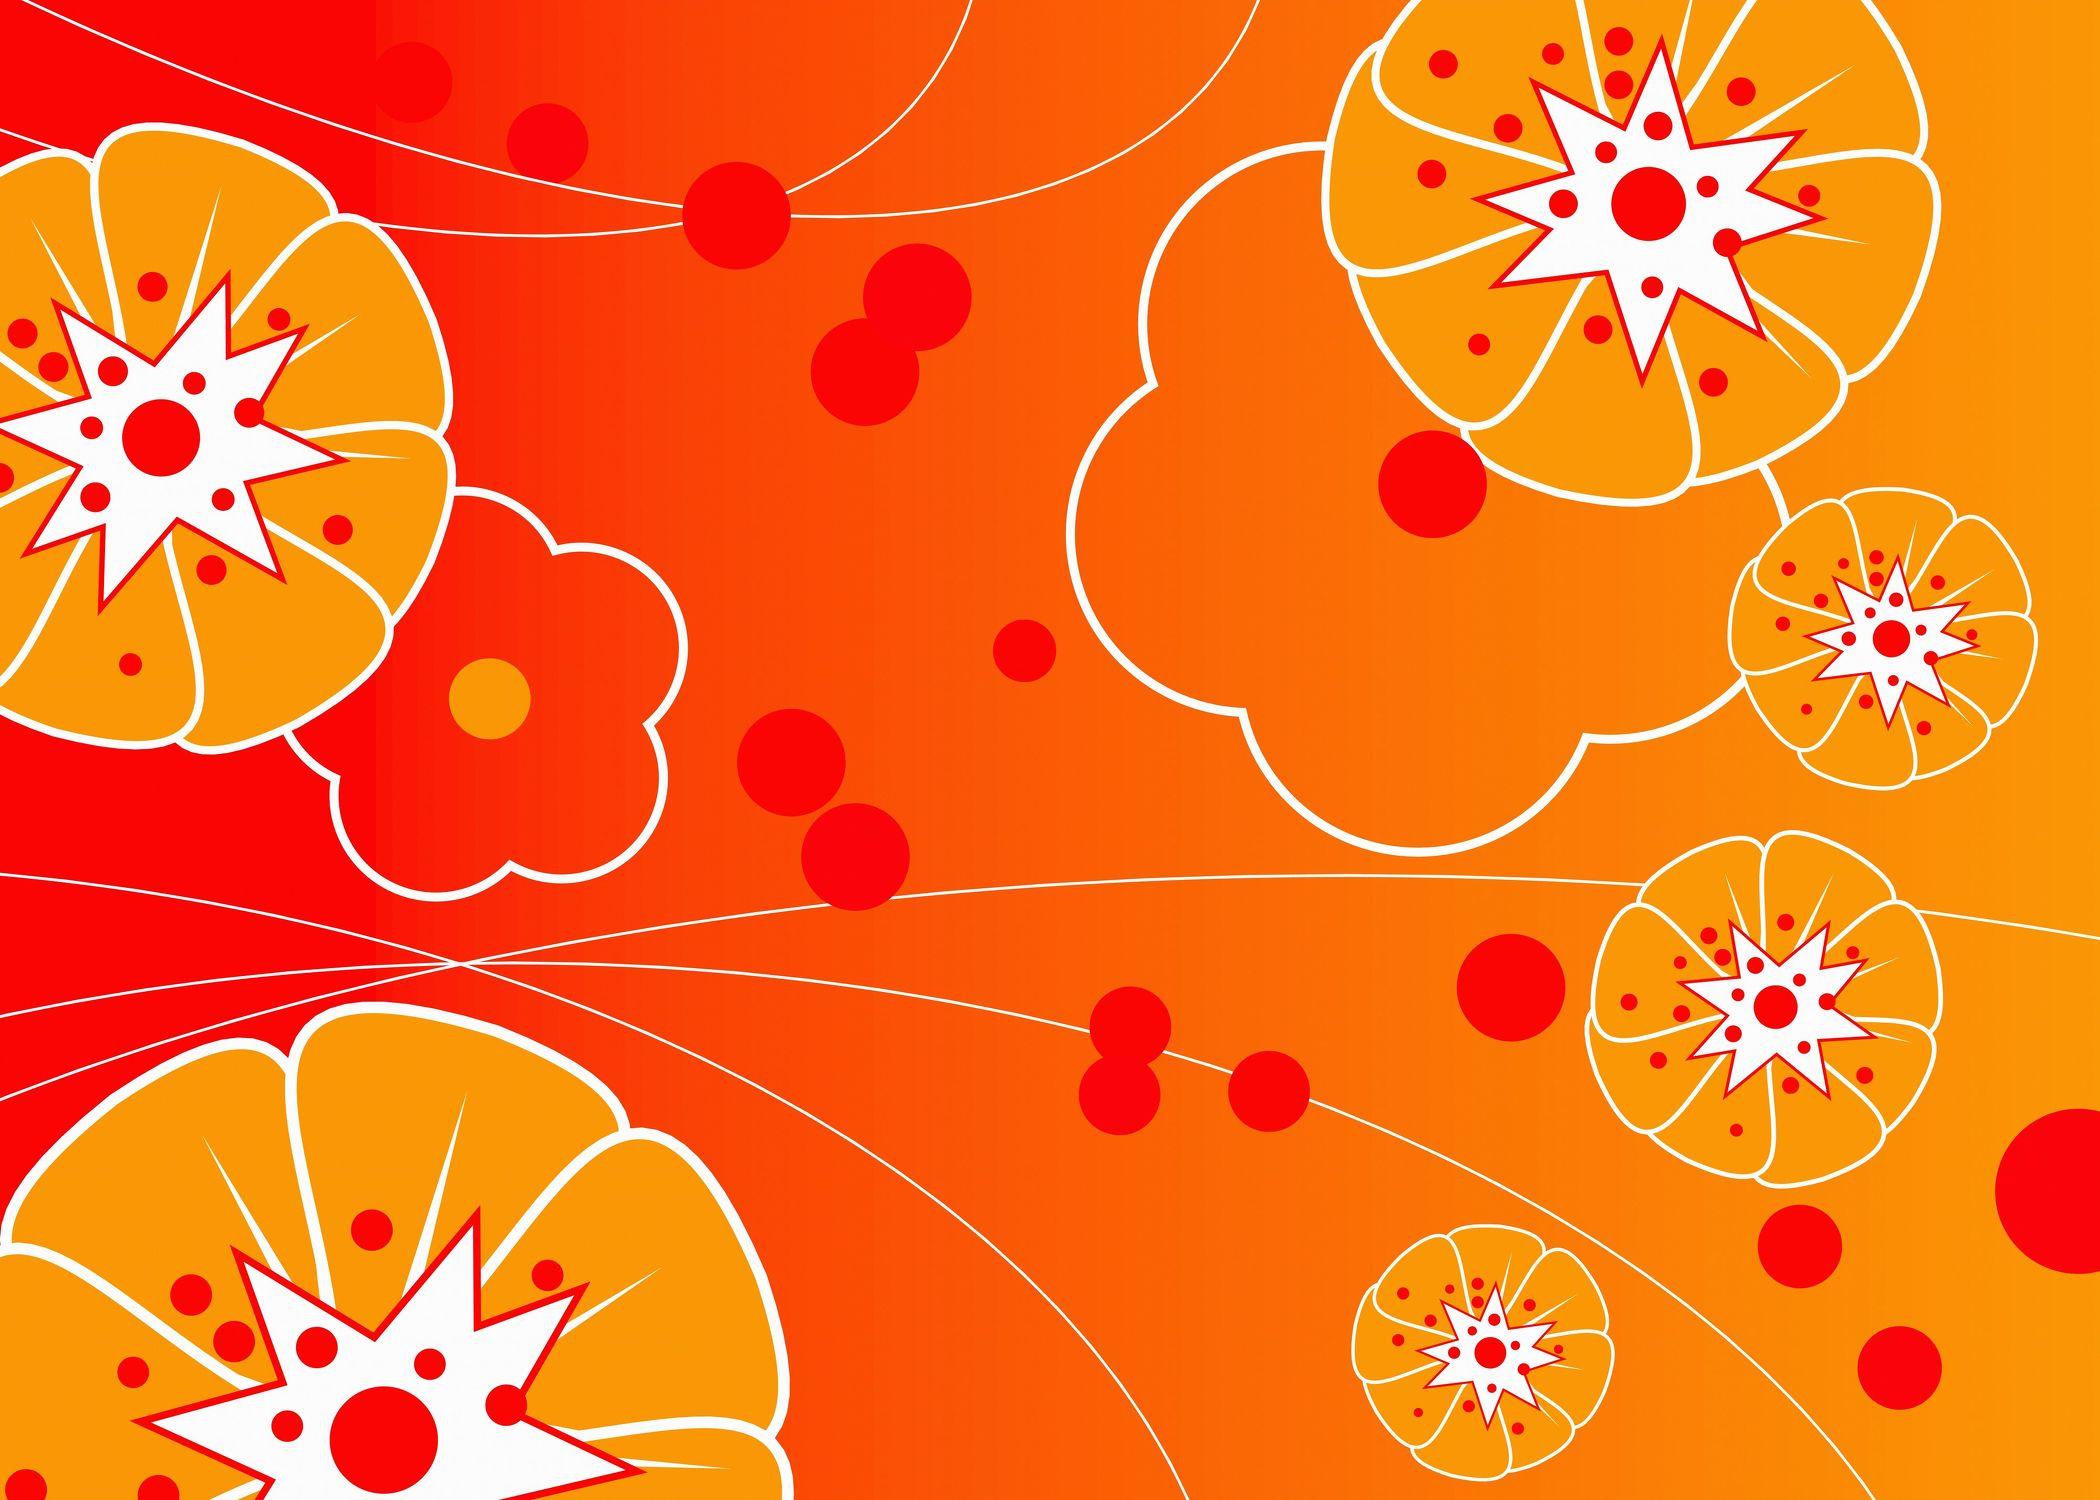 Bild mit Farben, Orange, Gelb, Illustration, wandtapete, fototapete, Blumenmotiv